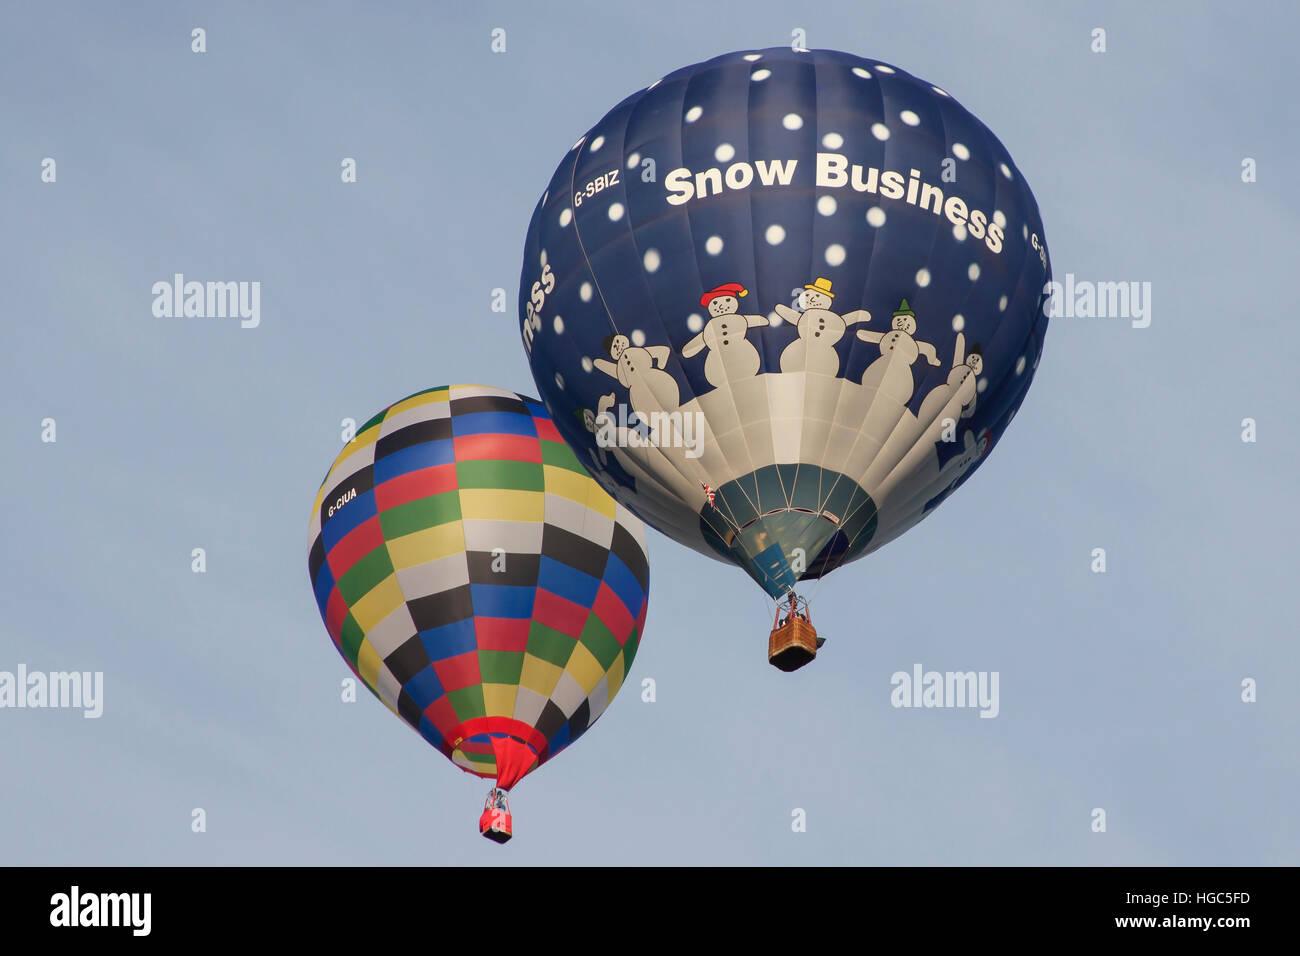 G-SBIZ Cameron Mongolfiera di neve Business a Bristol International Balloon Fiesta 2016 Foto Stock